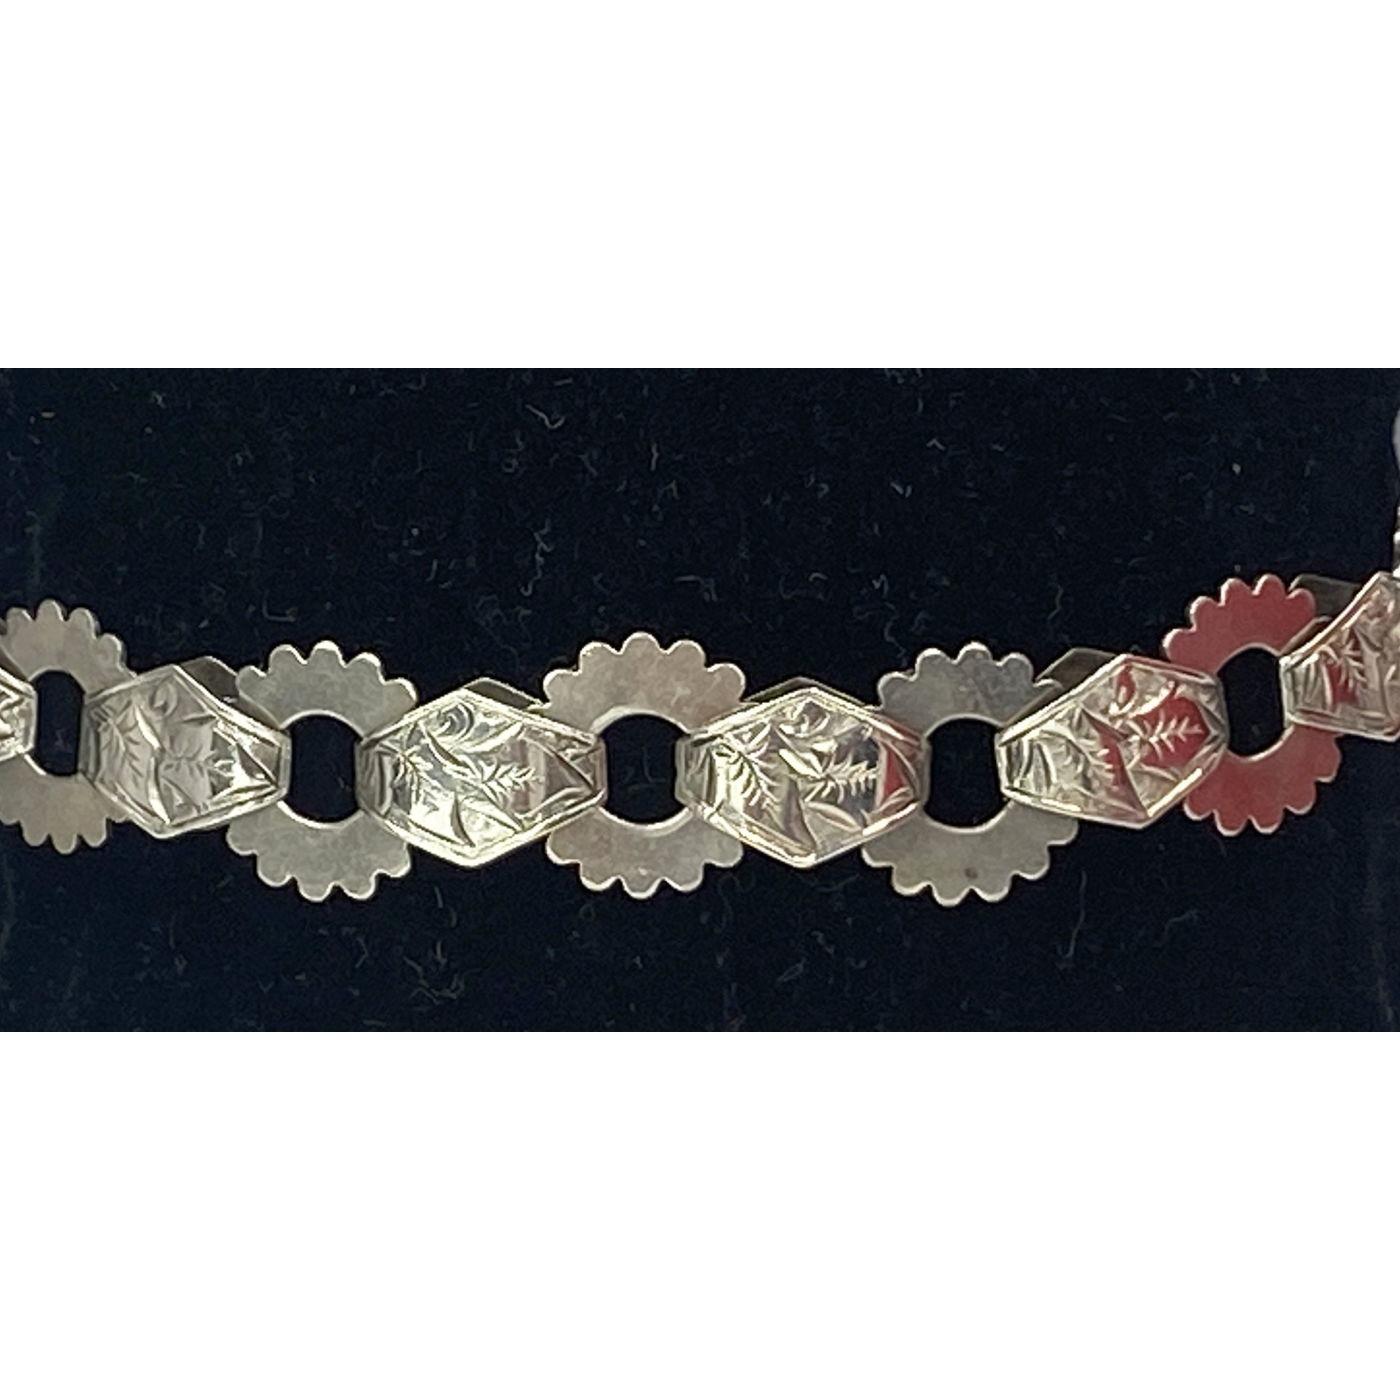 Larger Wrist, Spokes, Ivy Leaves Engraved, Flat Link Antique English Bracelet